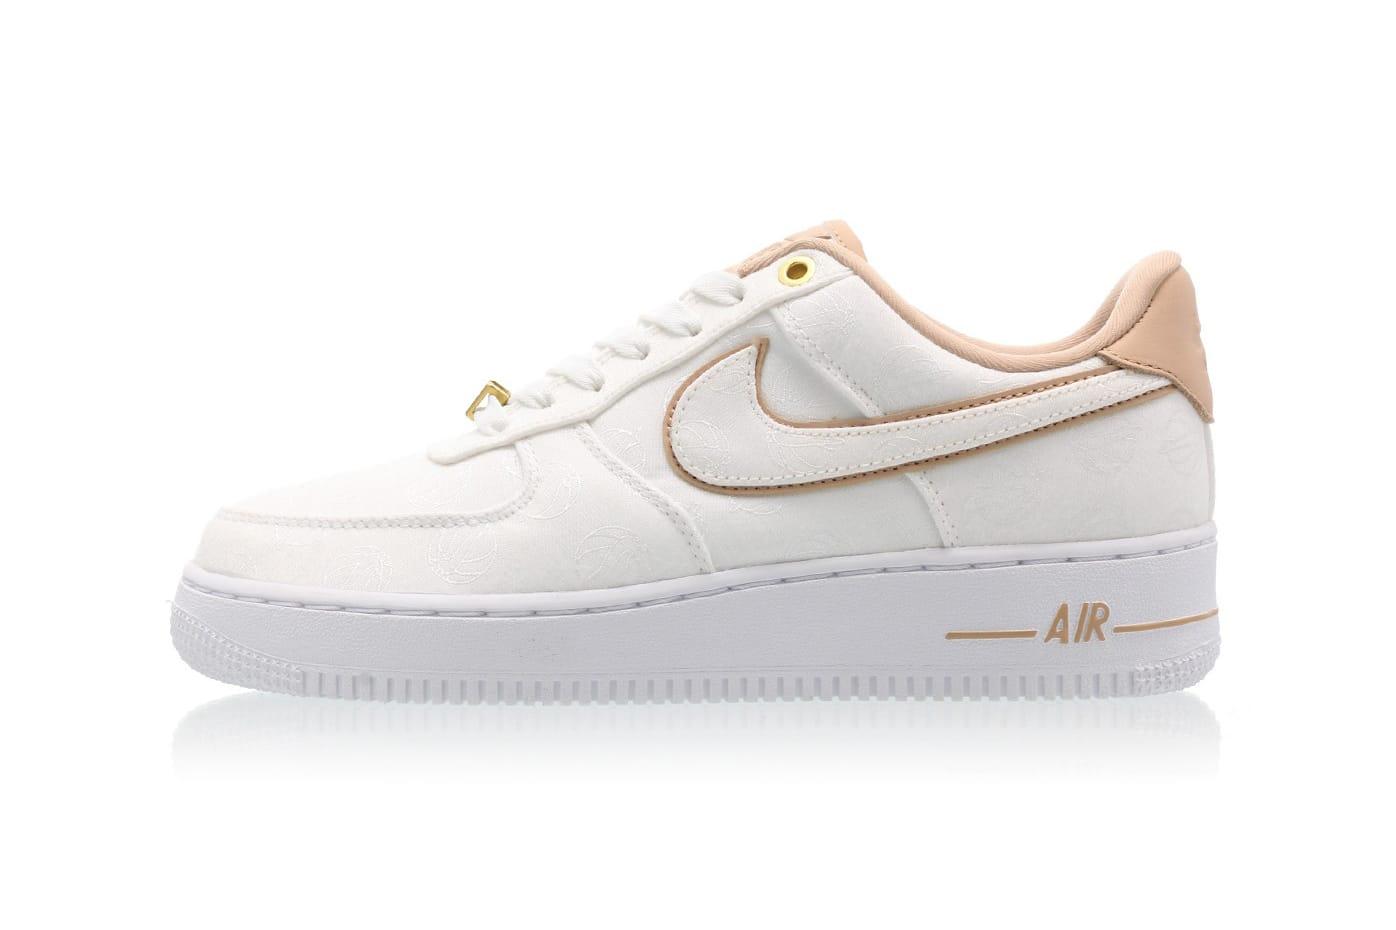 Nike Air Force 1 '07 LX in White/Bio